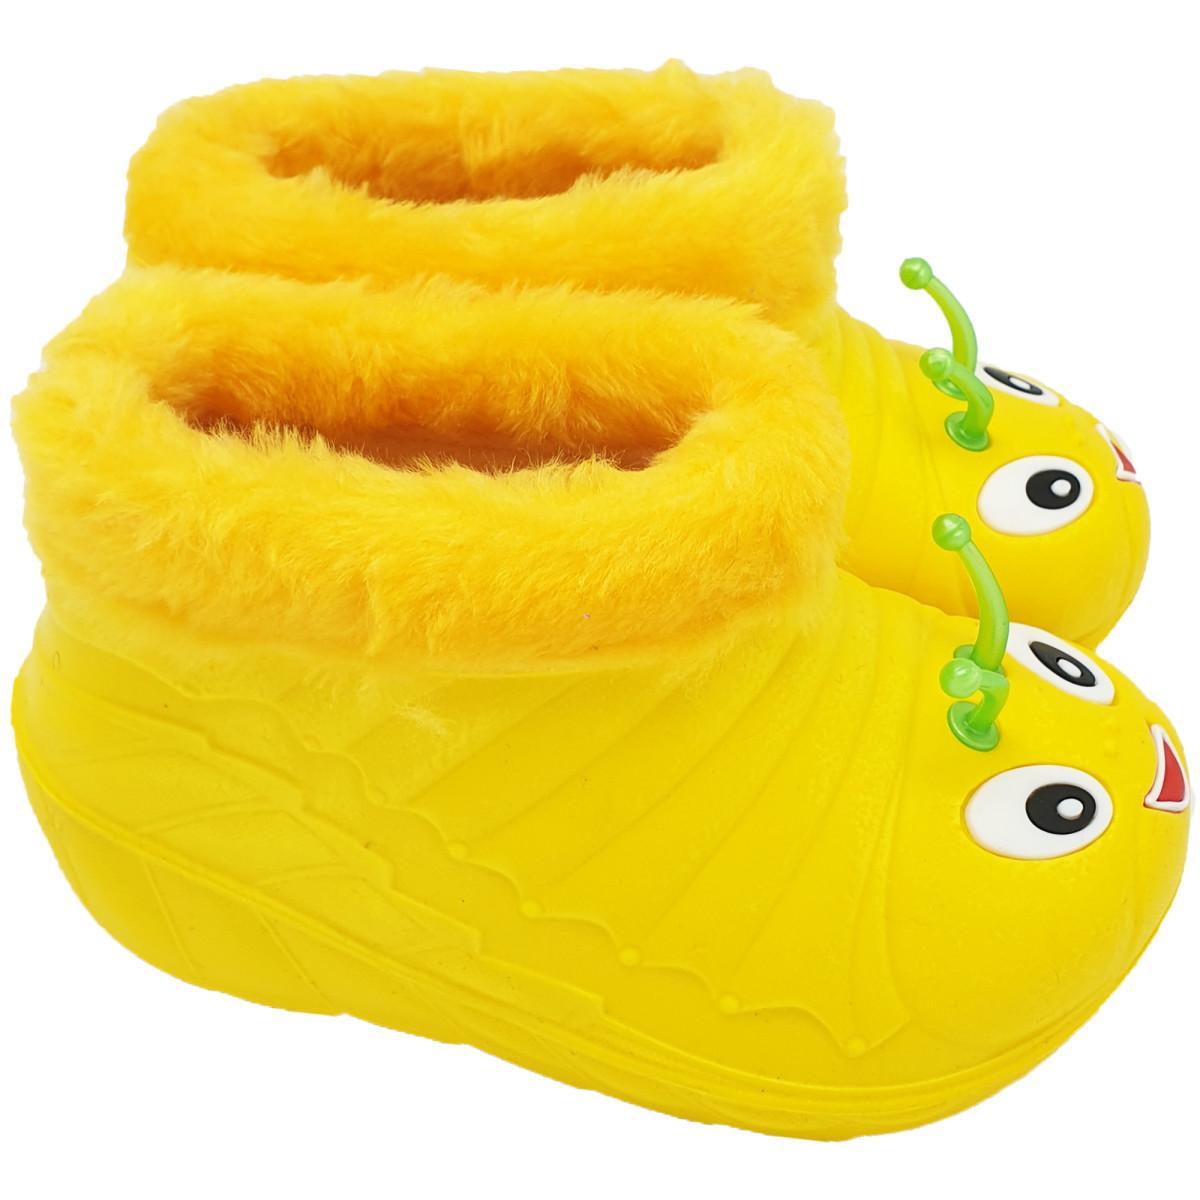 Ботики детские У1-09 размер 25 цвет жёлтый